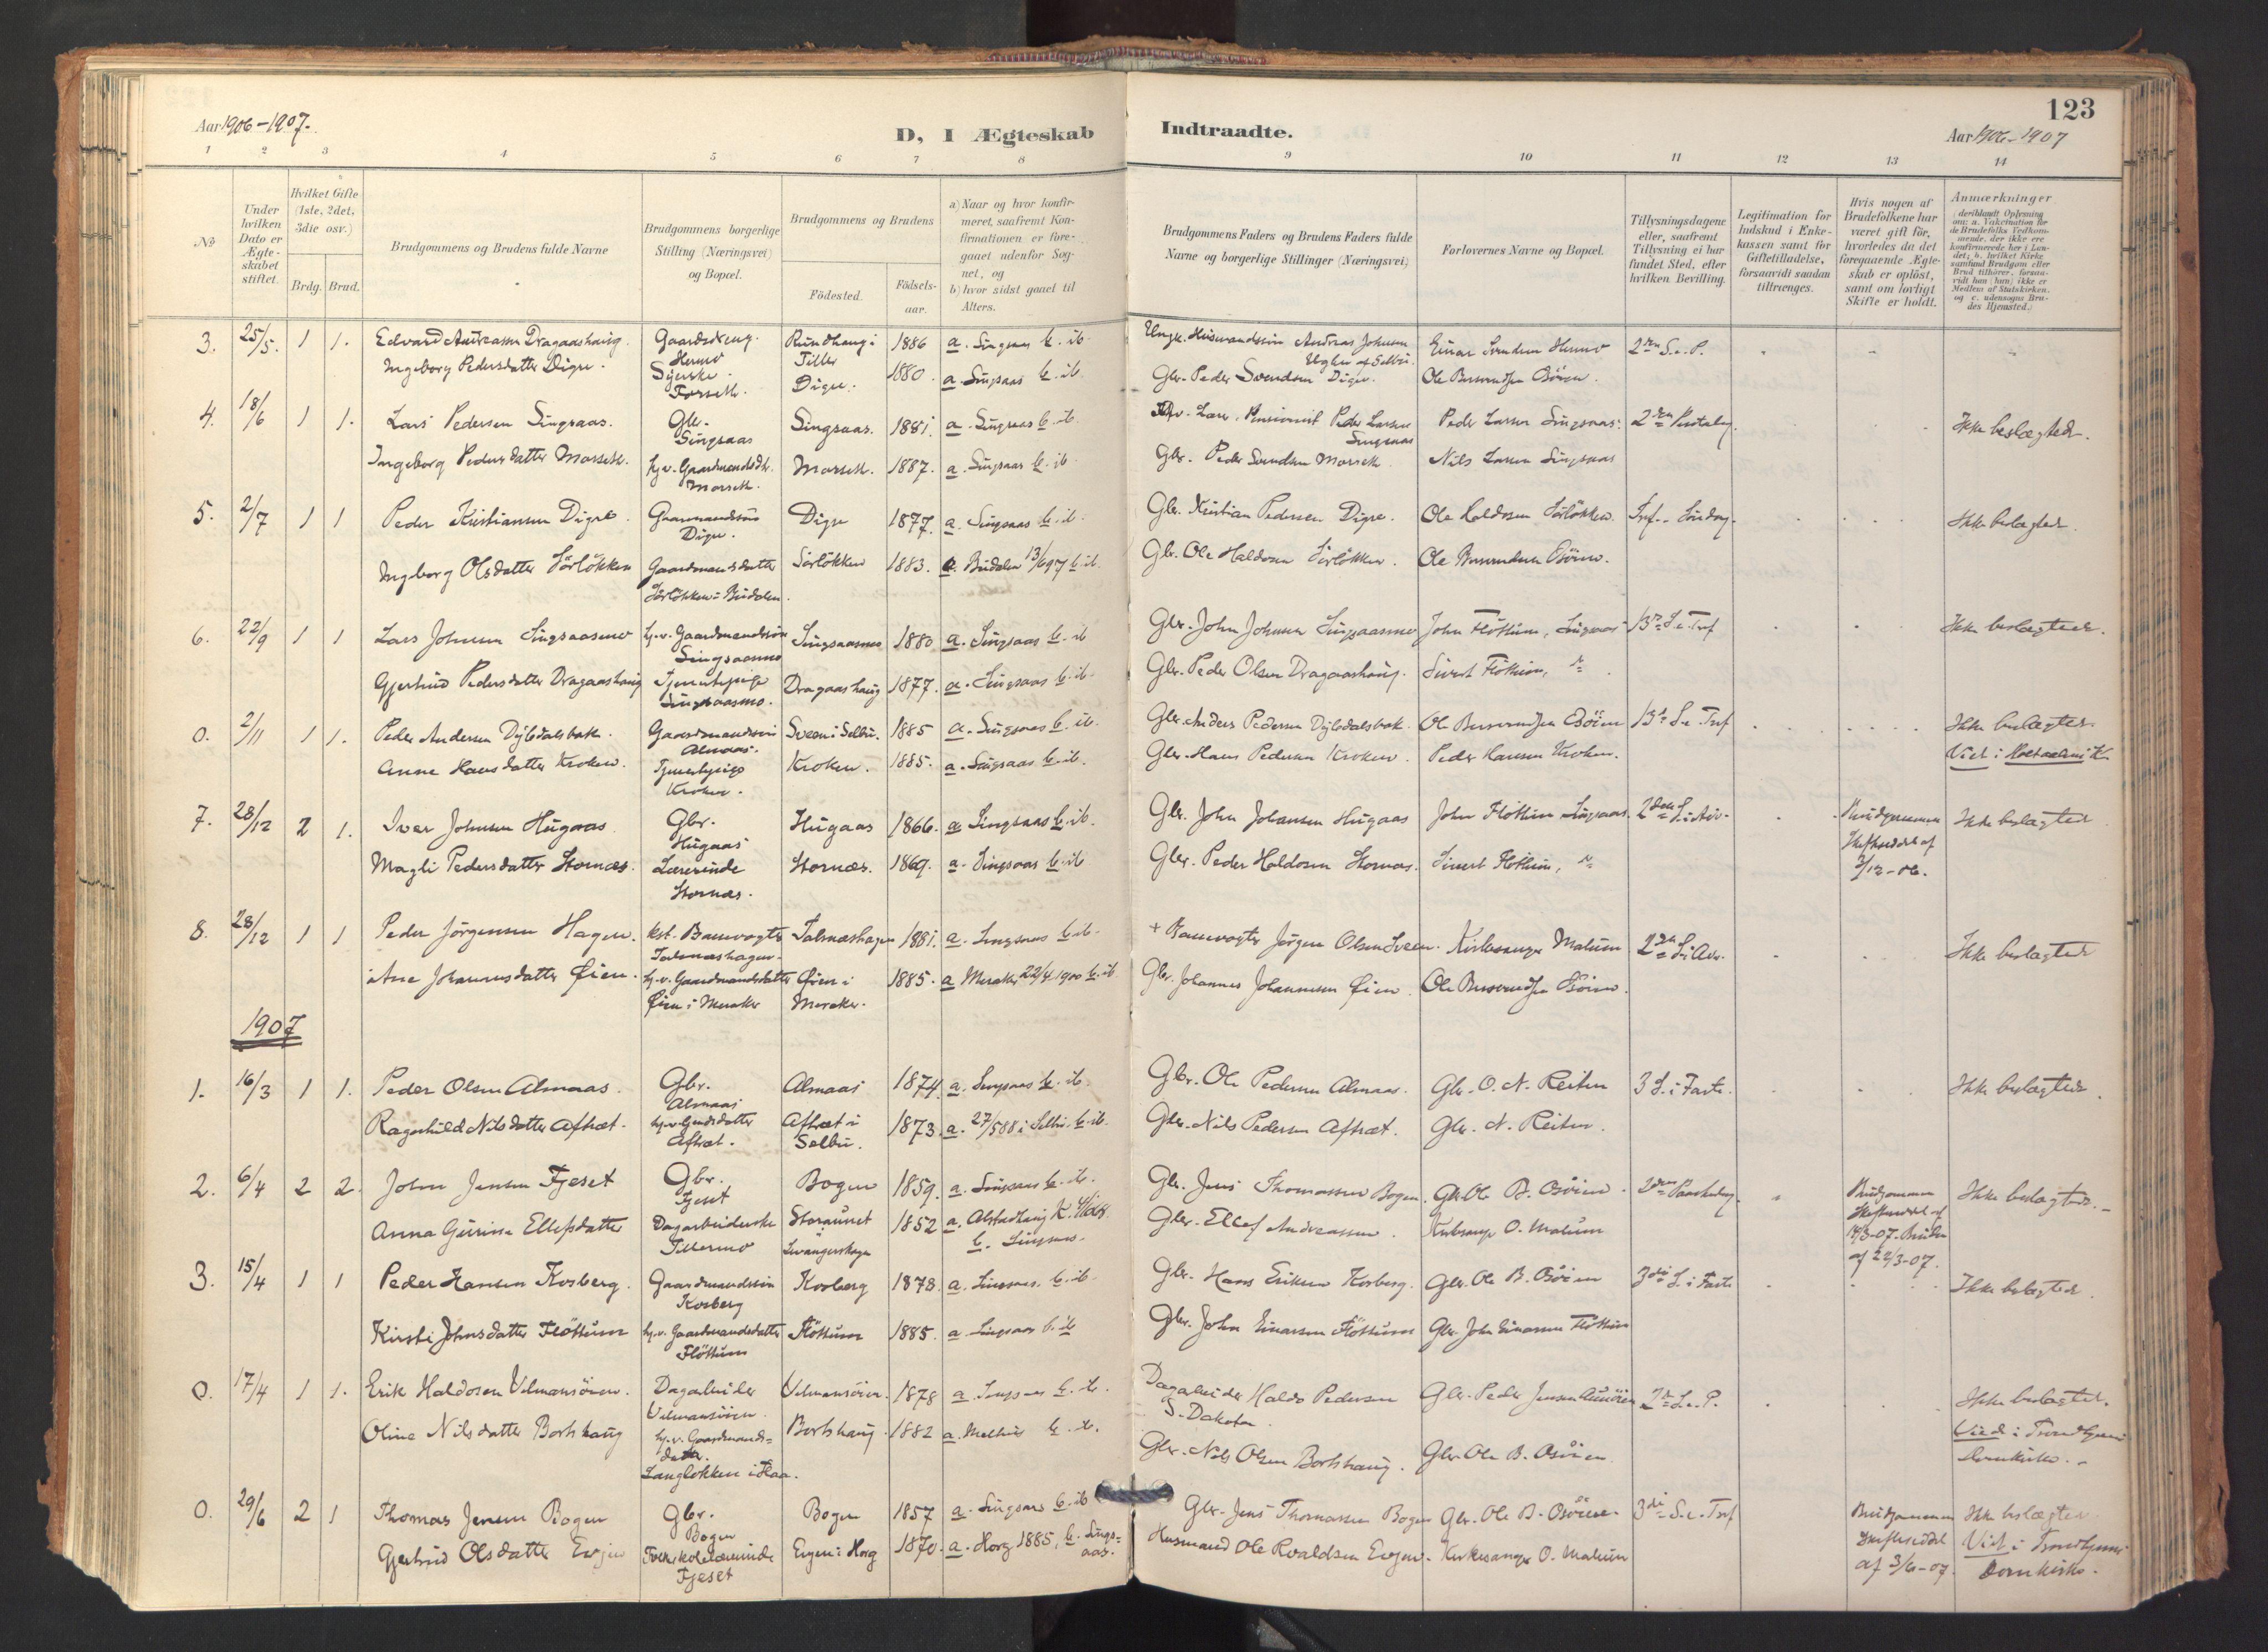 SAT, Ministerialprotokoller, klokkerbøker og fødselsregistre - Sør-Trøndelag, 688/L1025: Ministerialbok nr. 688A02, 1891-1909, s. 123